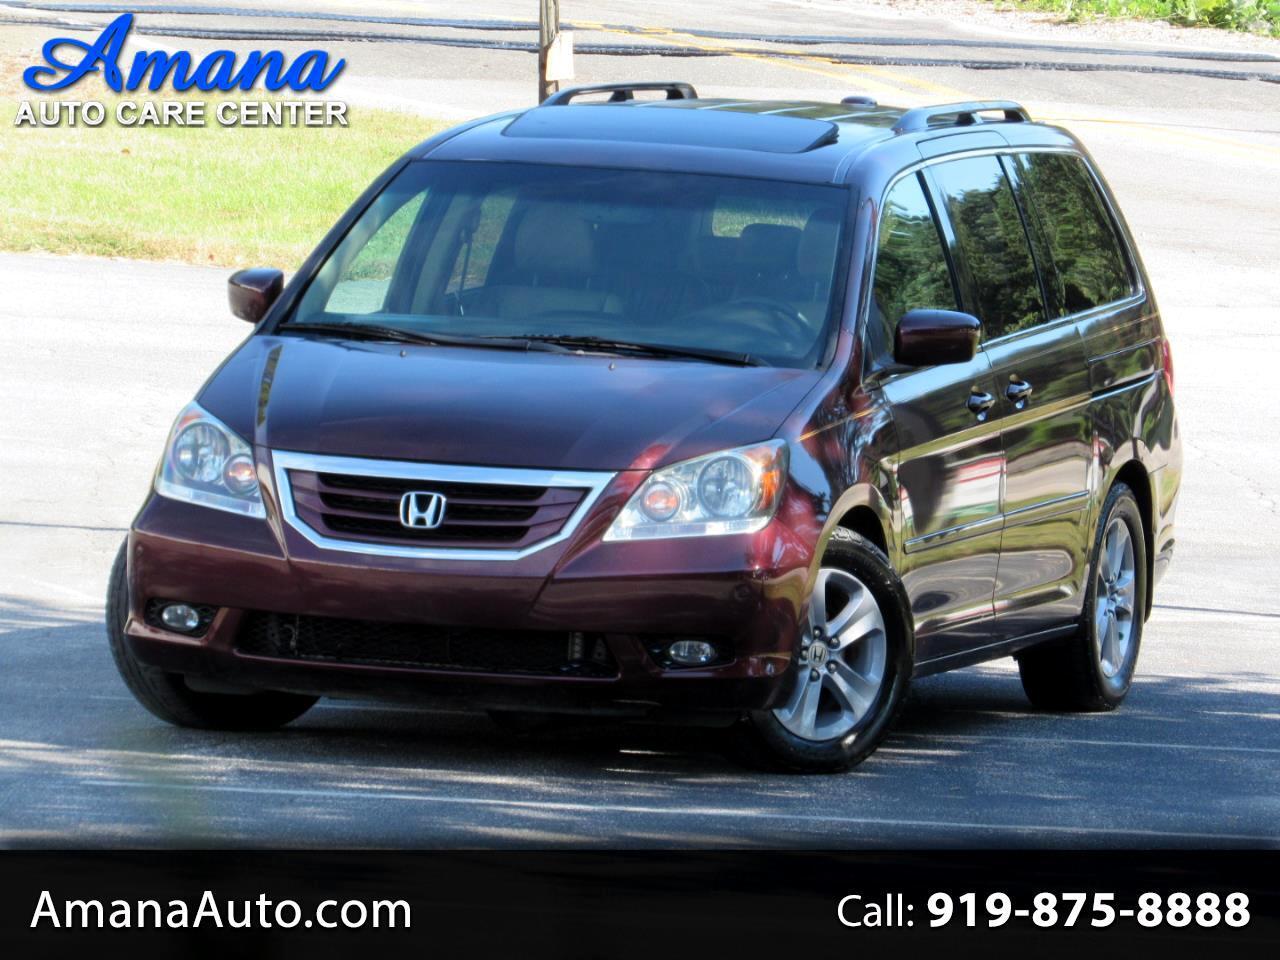 2010 Honda Odyssey 5dr Touring w/RES & Navi